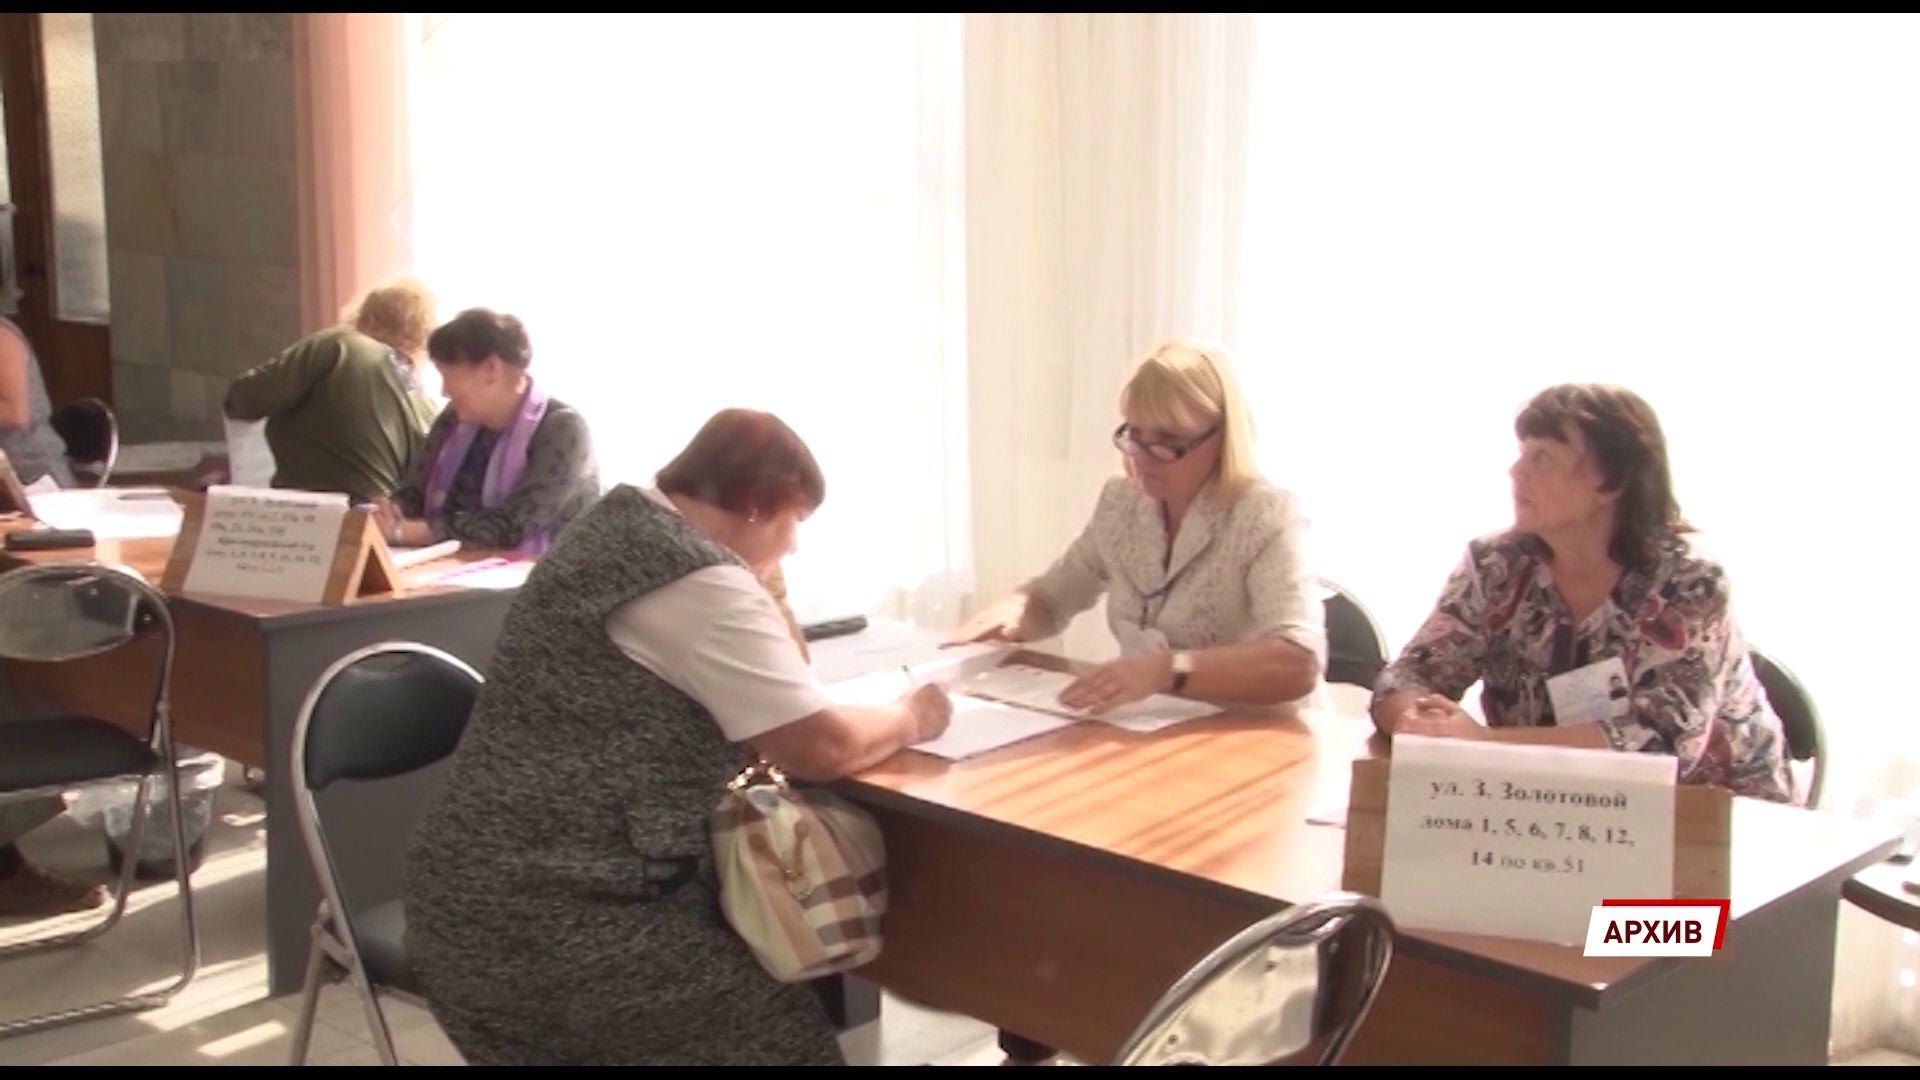 В Ярославской области некоторые школы на несколько дней отменят занятия